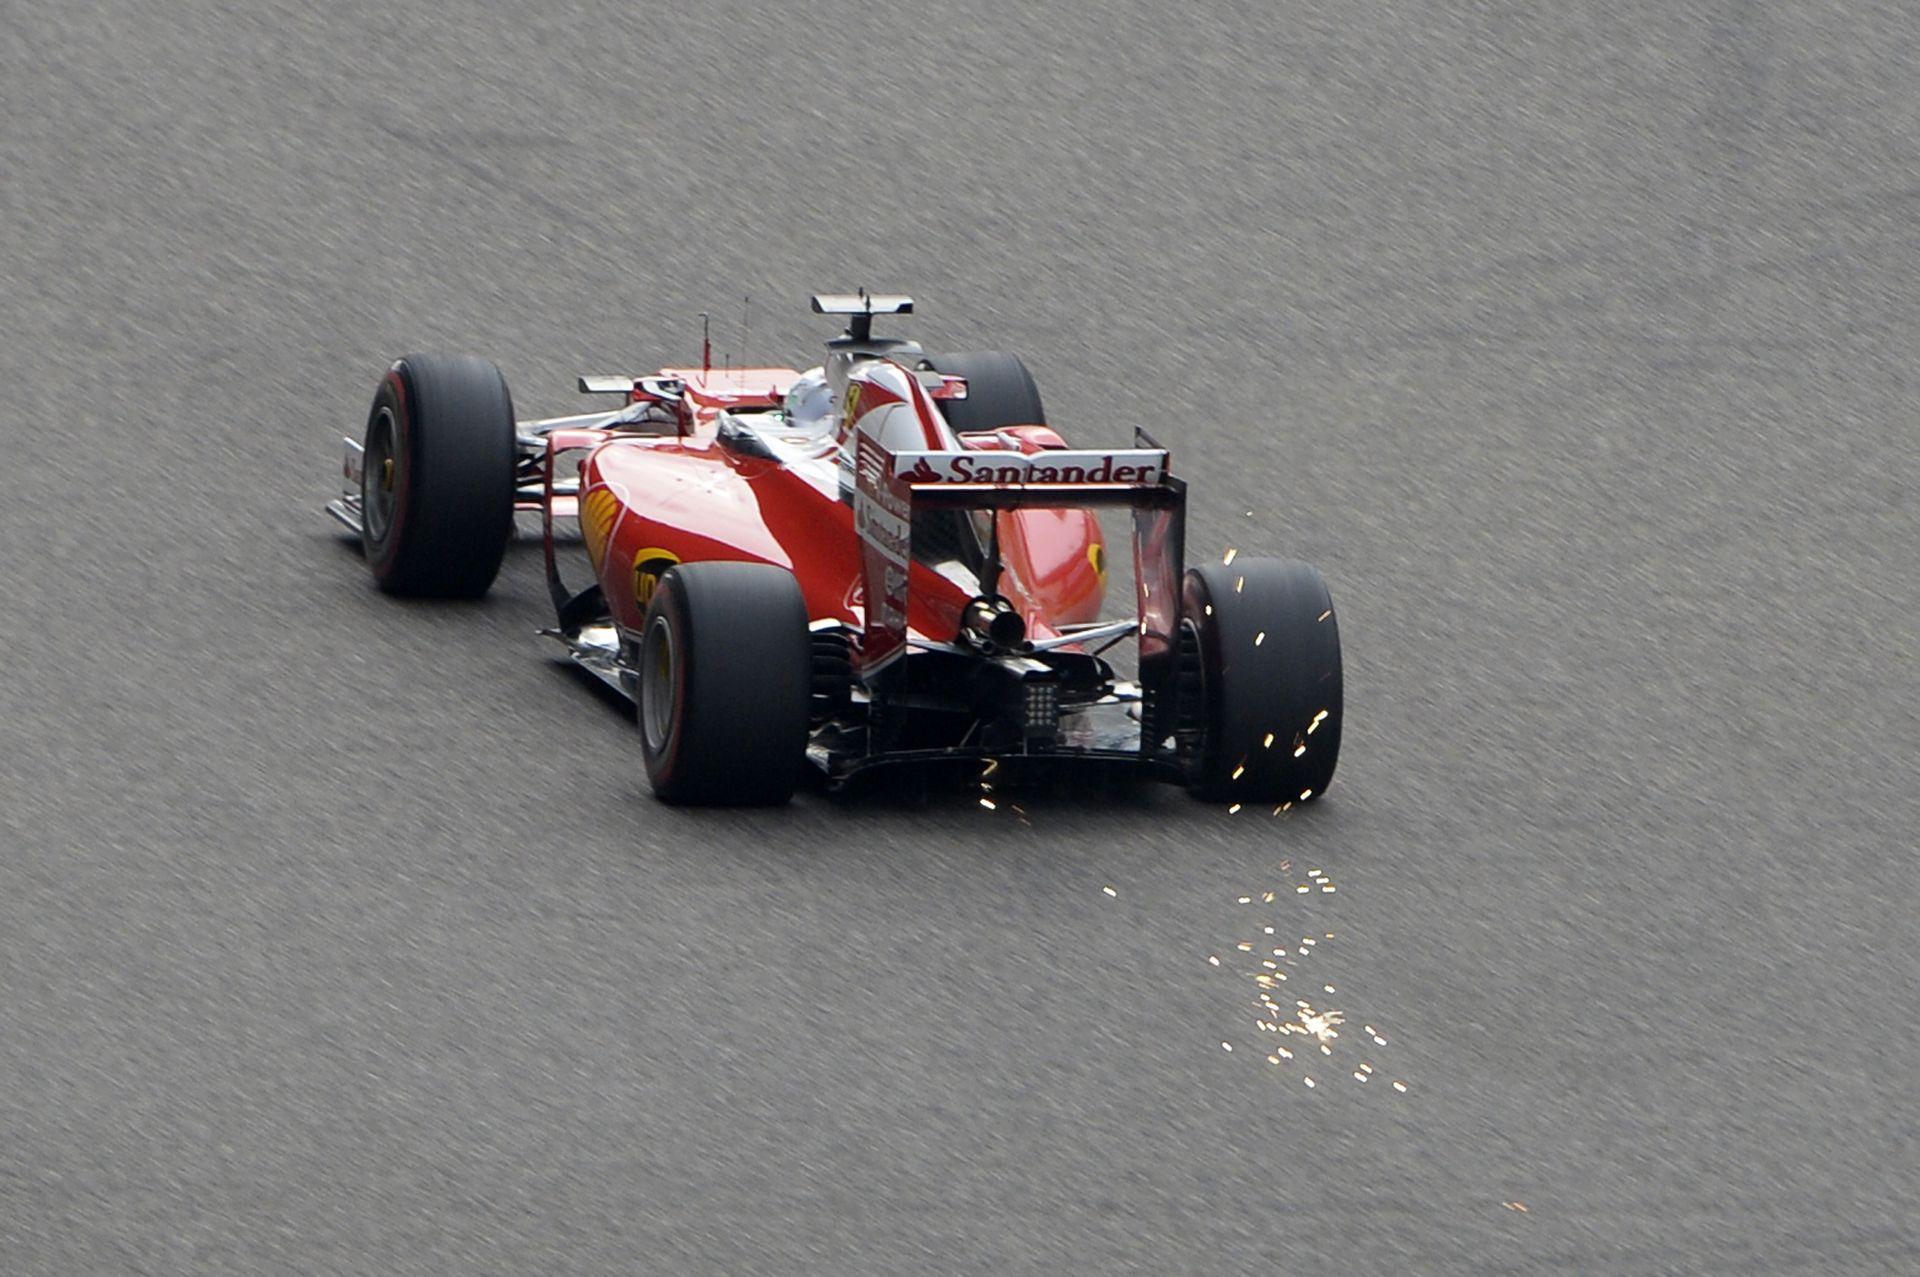 Pérez kameranézetéből a drámai jelenet, ahogy Vettel nekimegy Raikkönennek